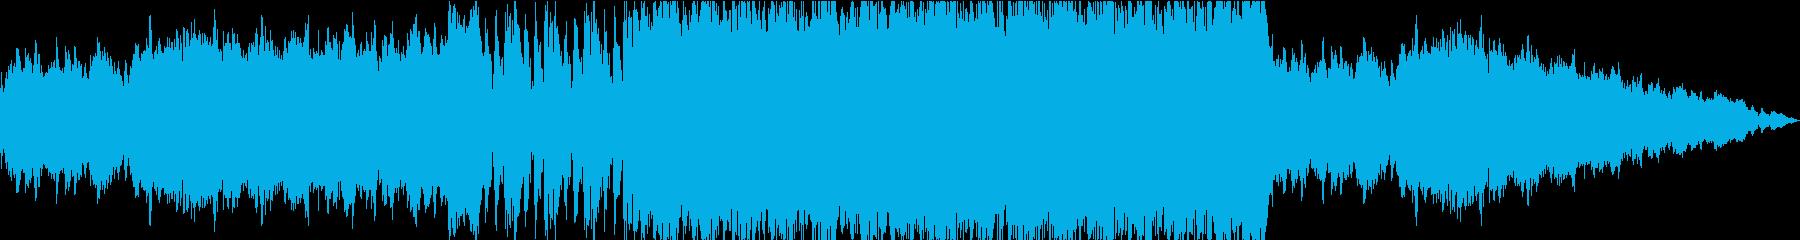 奇跡の予兆と始動のBGMの再生済みの波形